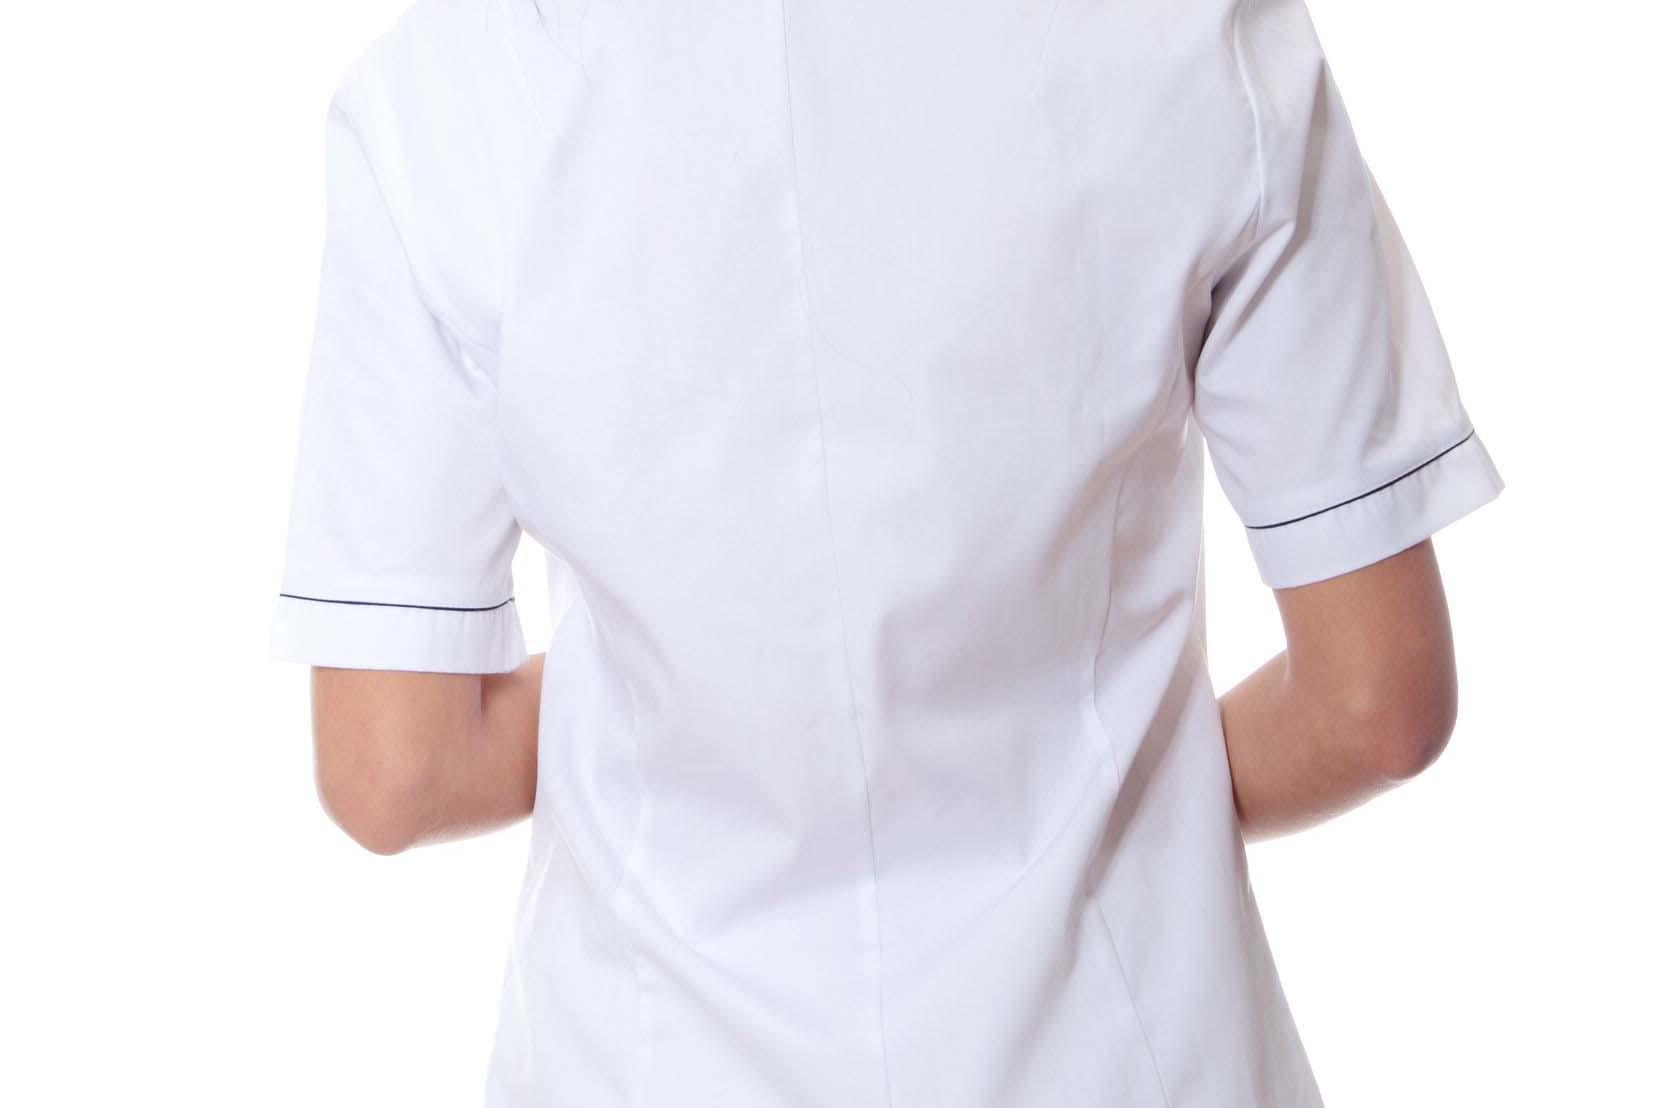 La falta de apoyo de los compañeros aumenta las lesiones musculoesqueléticas entre las enfermeras